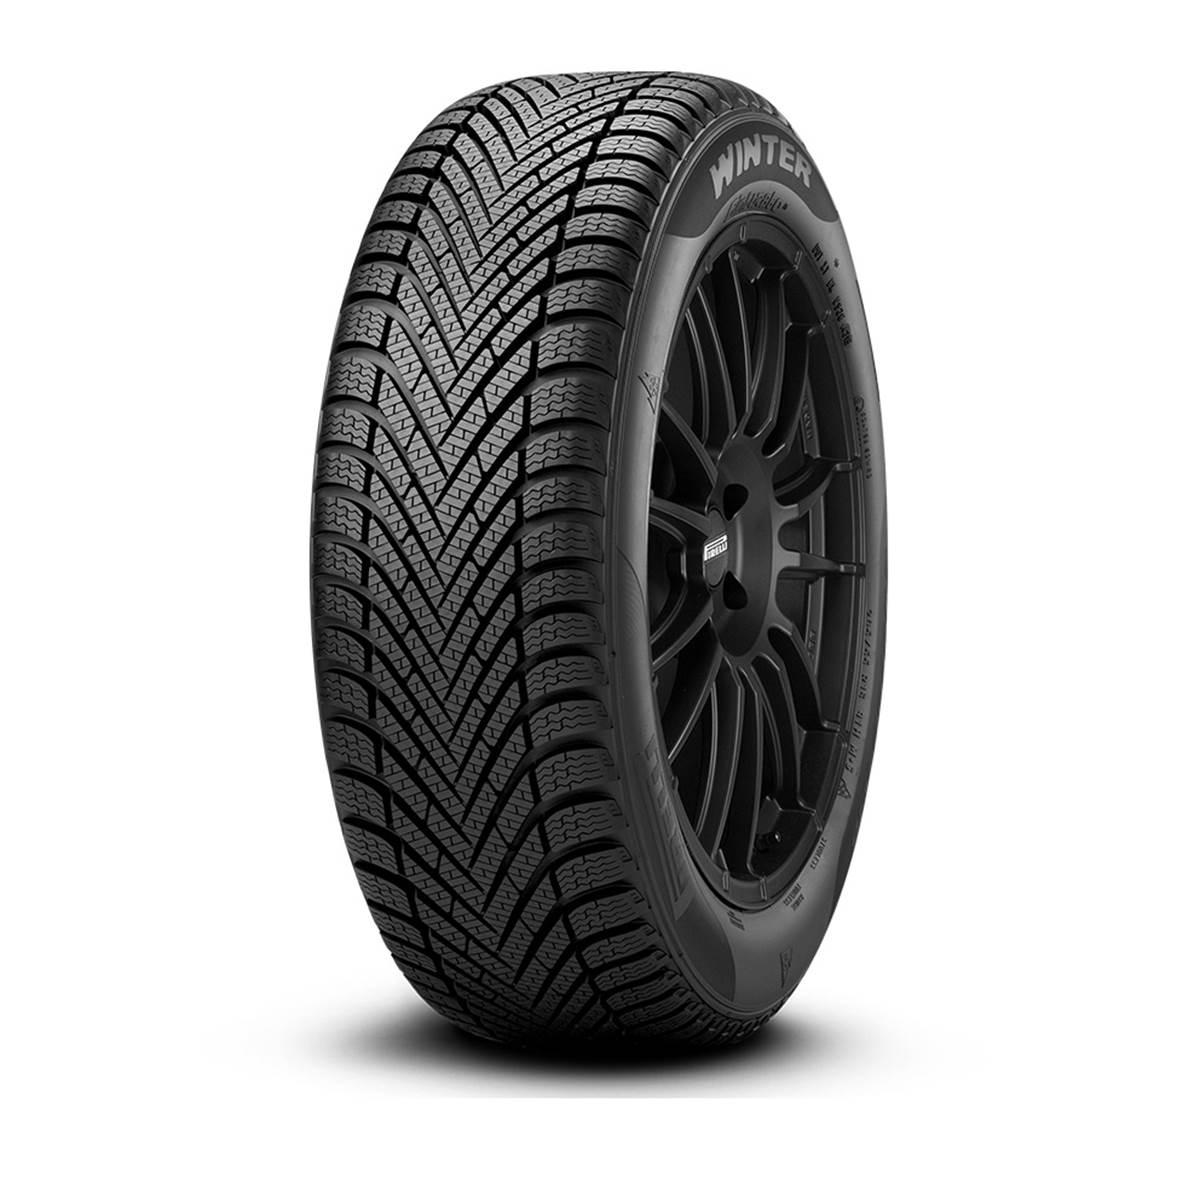 Pneu Hiver Pirelli 185/65R15 88T Cinturato Winter